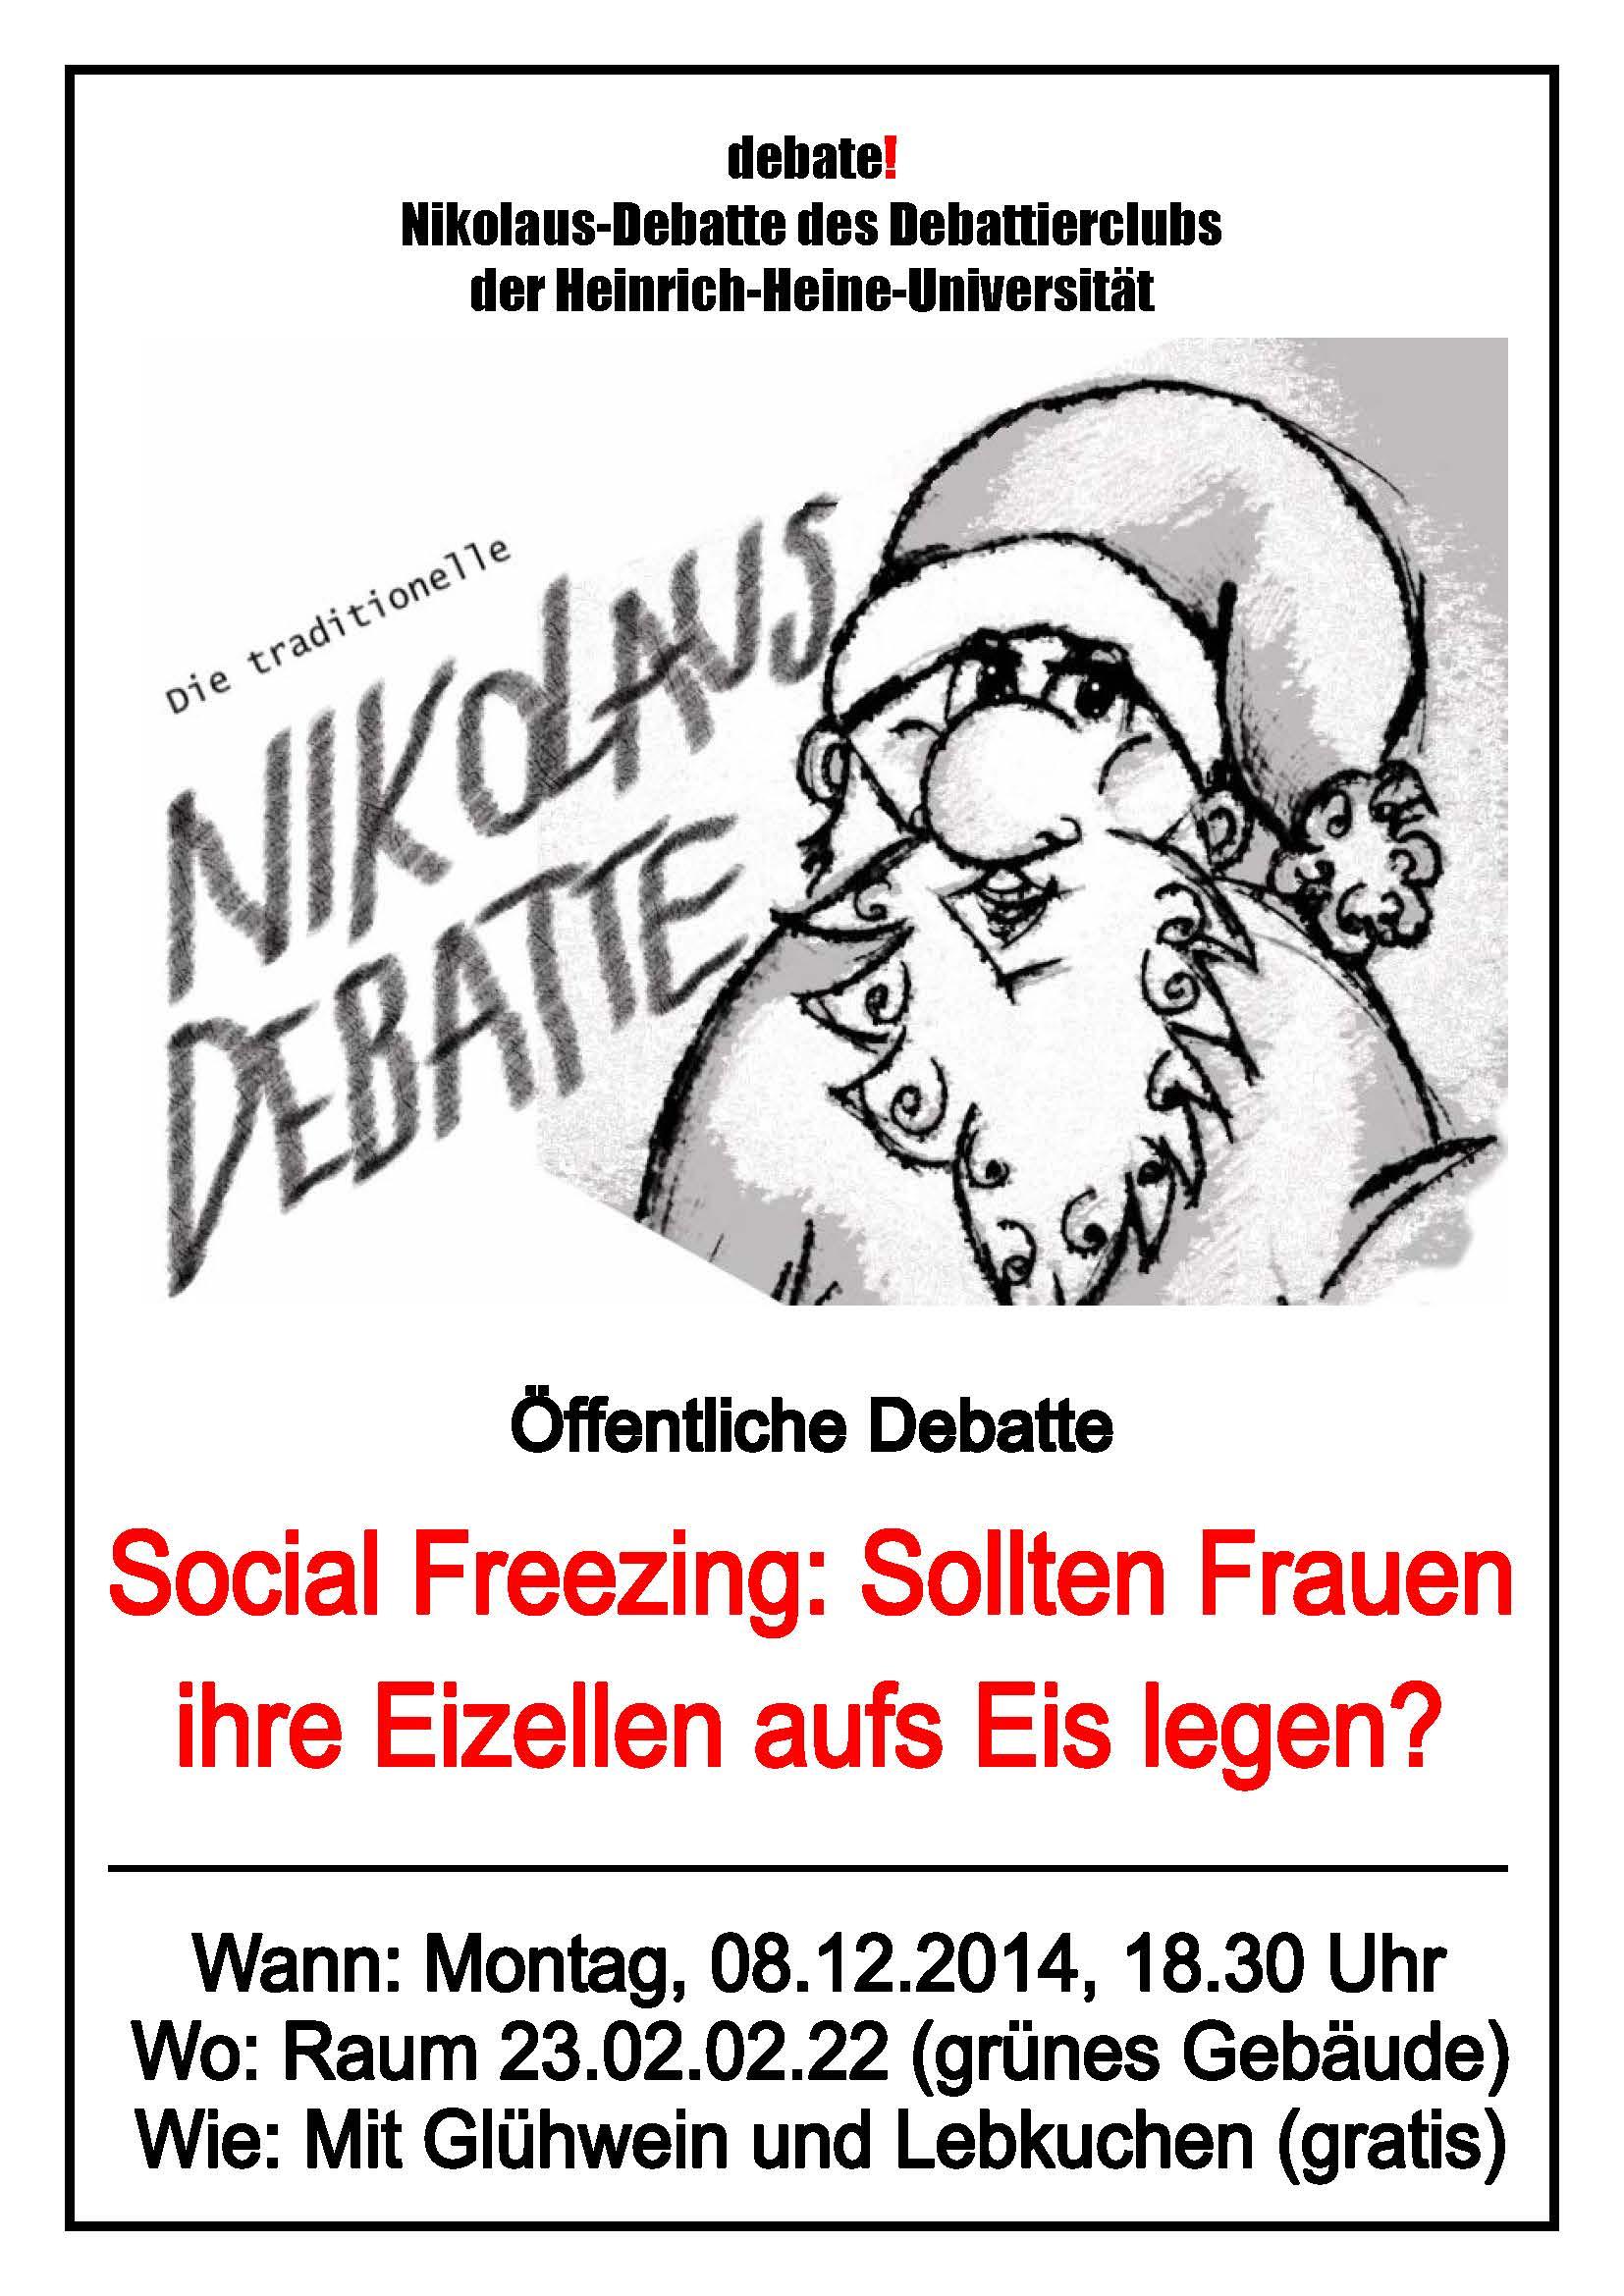 2014 12 02 Aushang Nikolausdebatte 2014